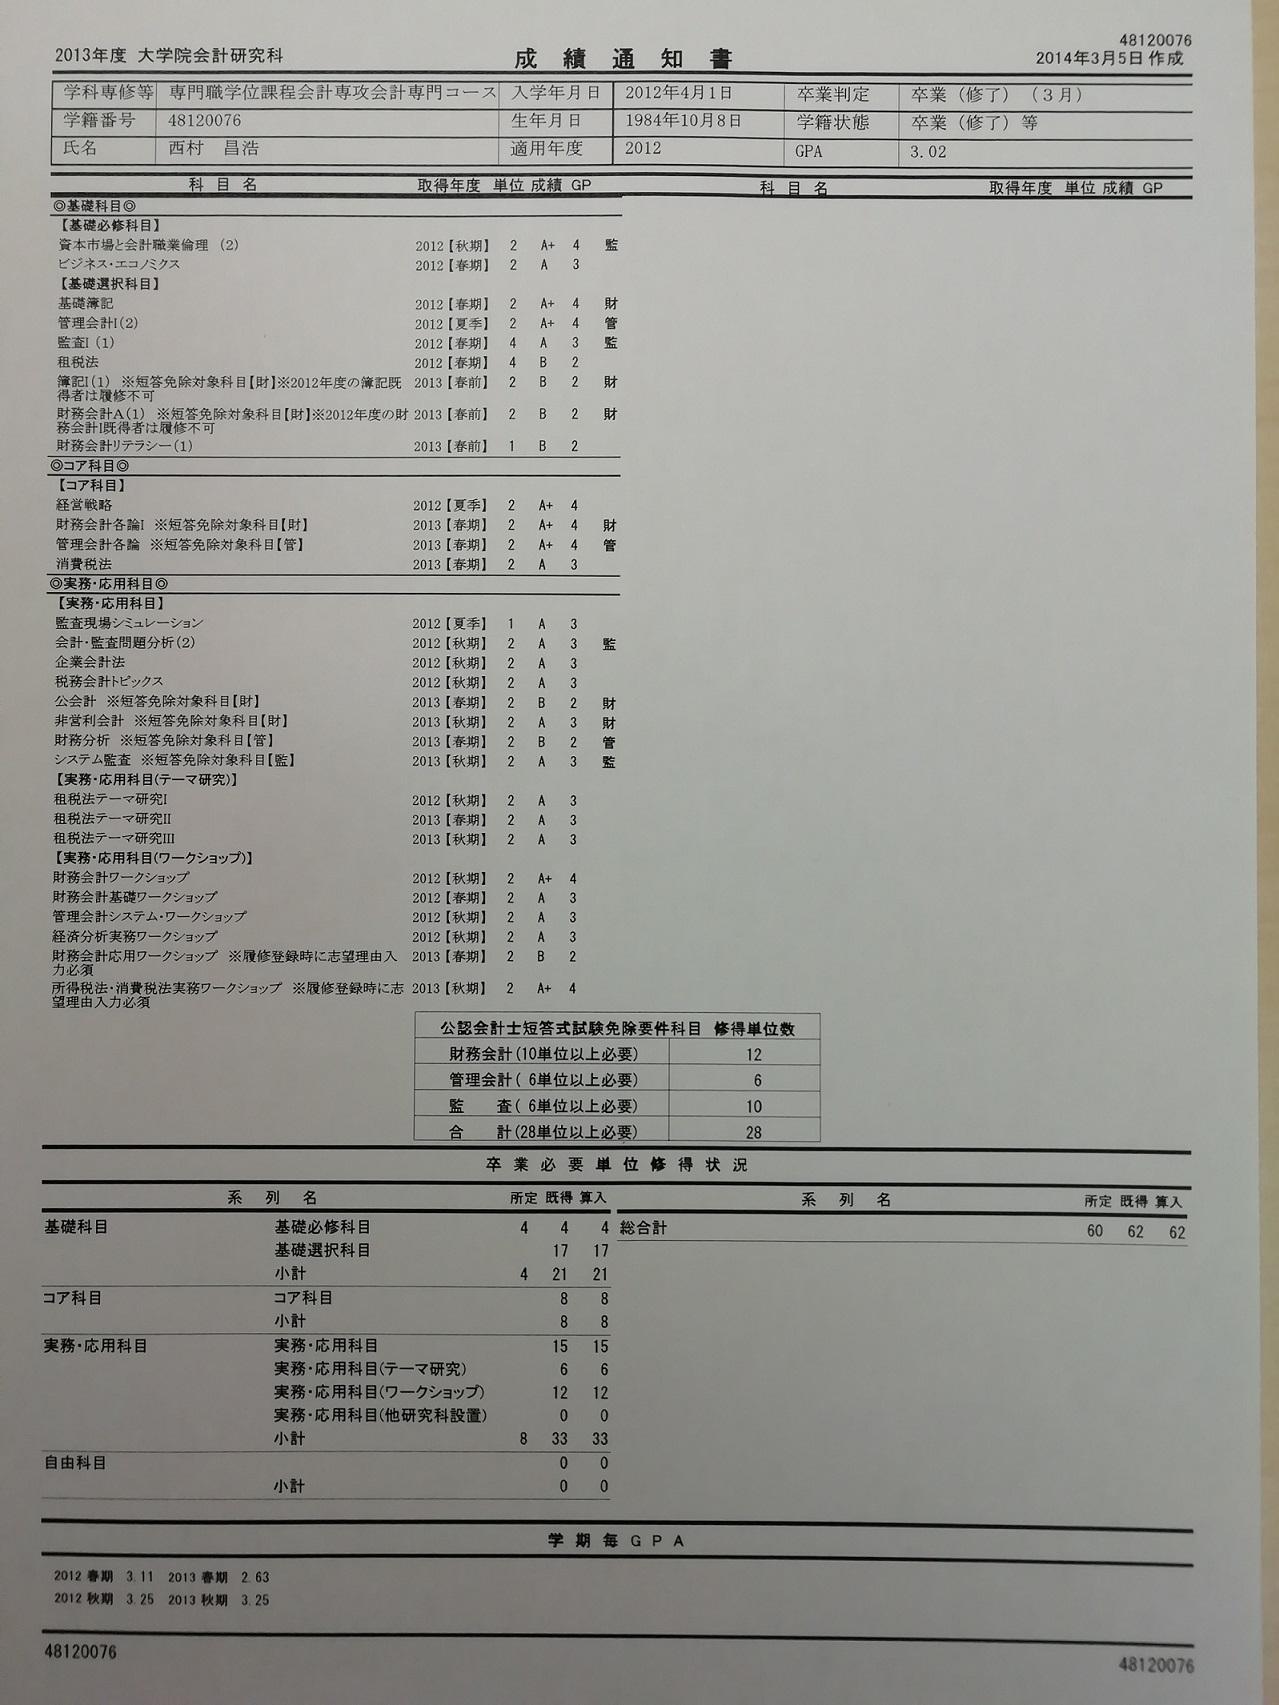 大学院成績